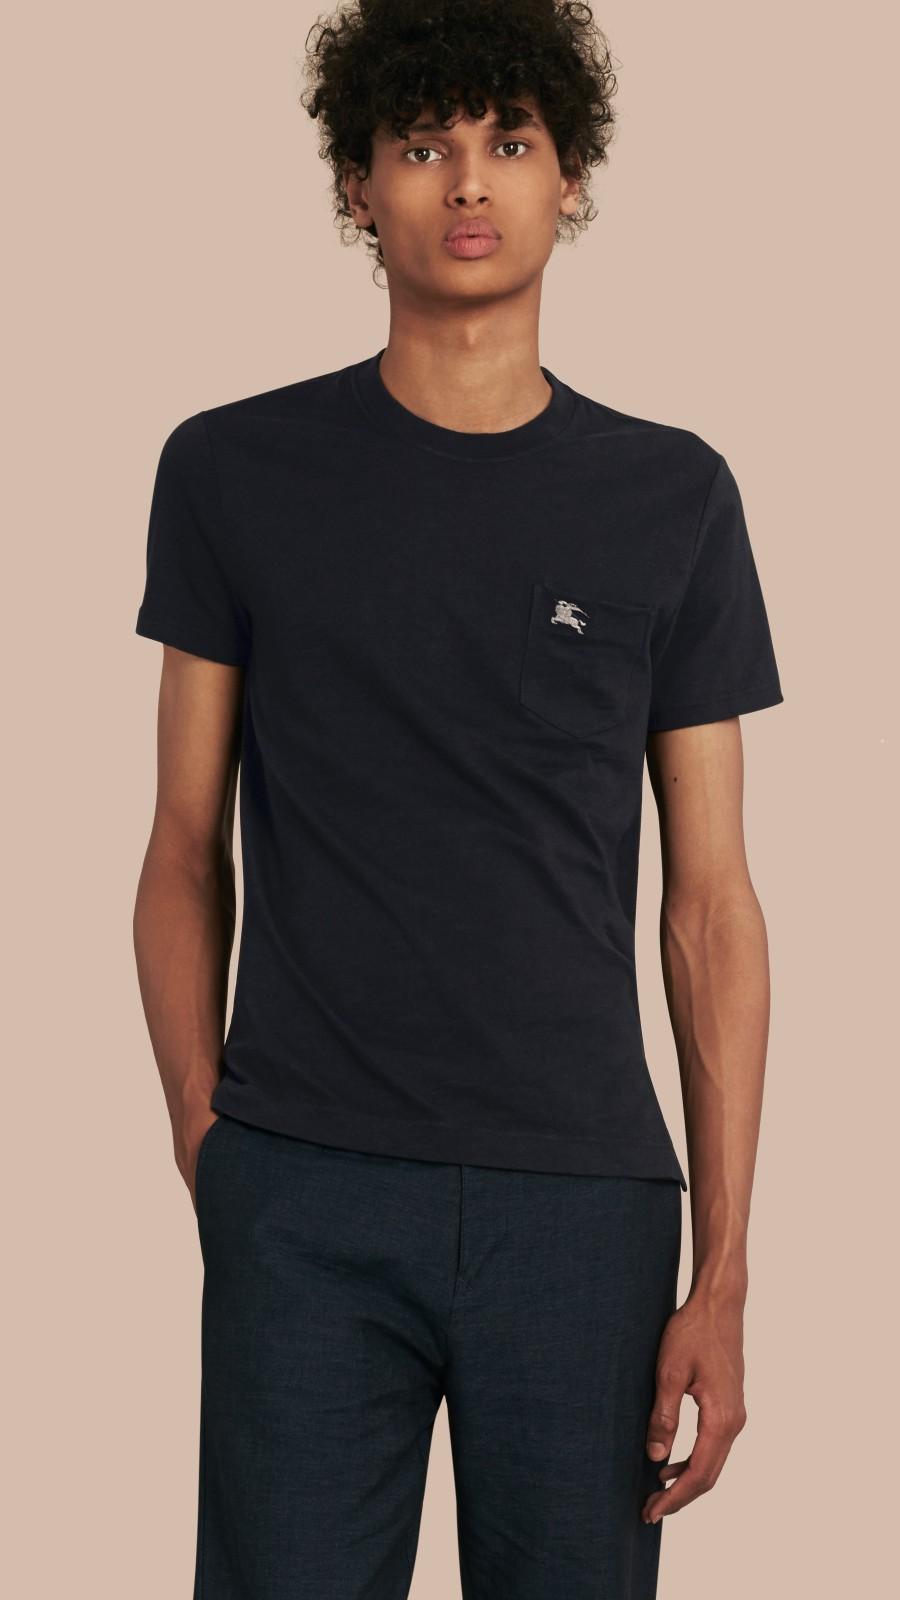 Black Slub Jersey Double Dyed T-Shirt Black - Image 1